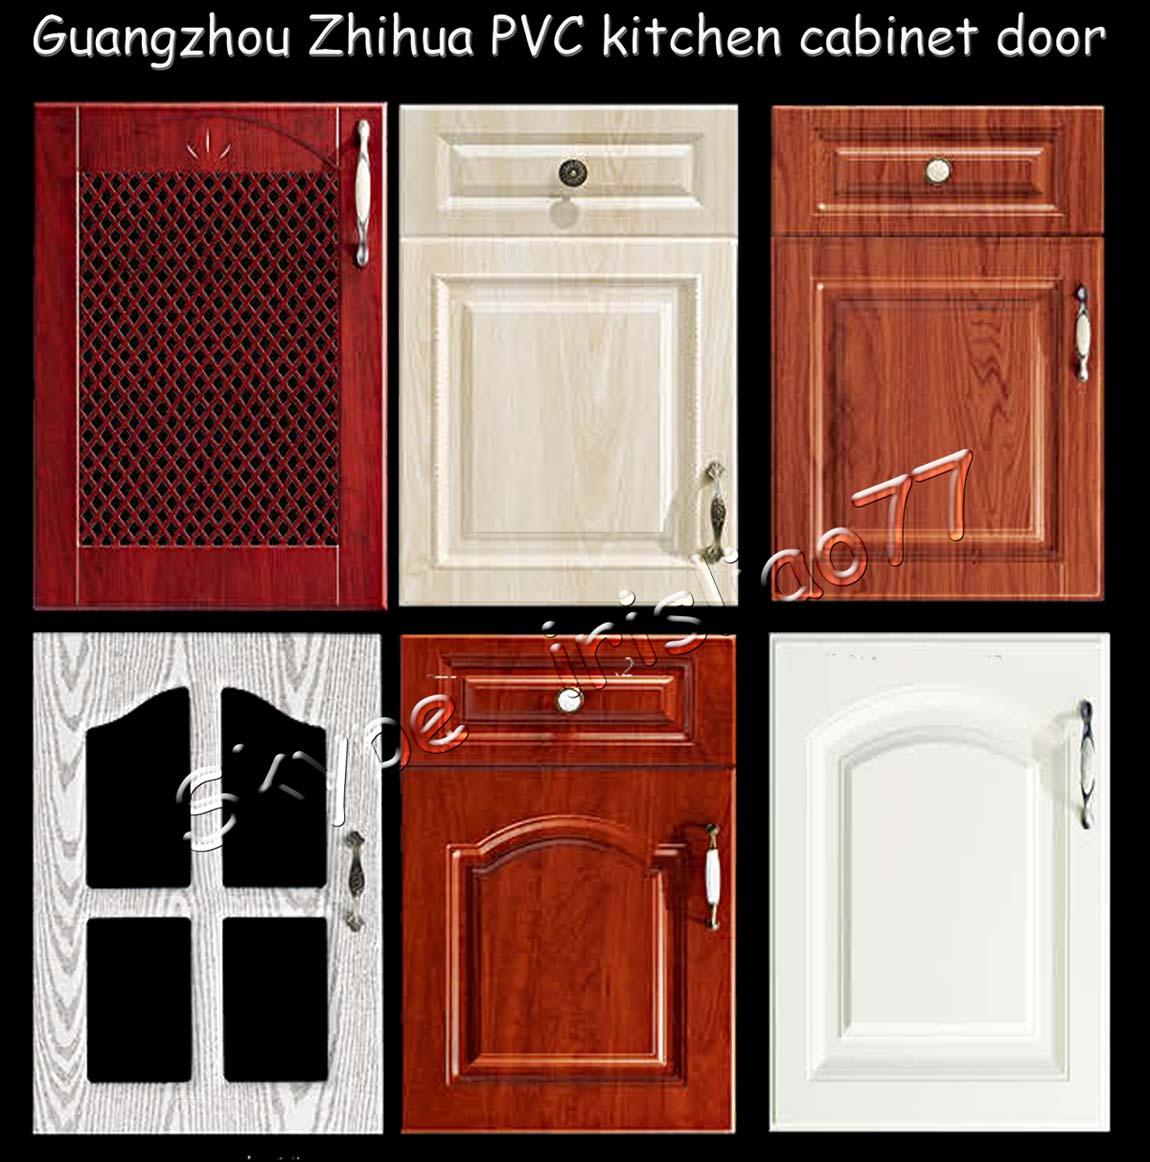 blanco de pvc laminado gabinete de cocina puerta precio ...